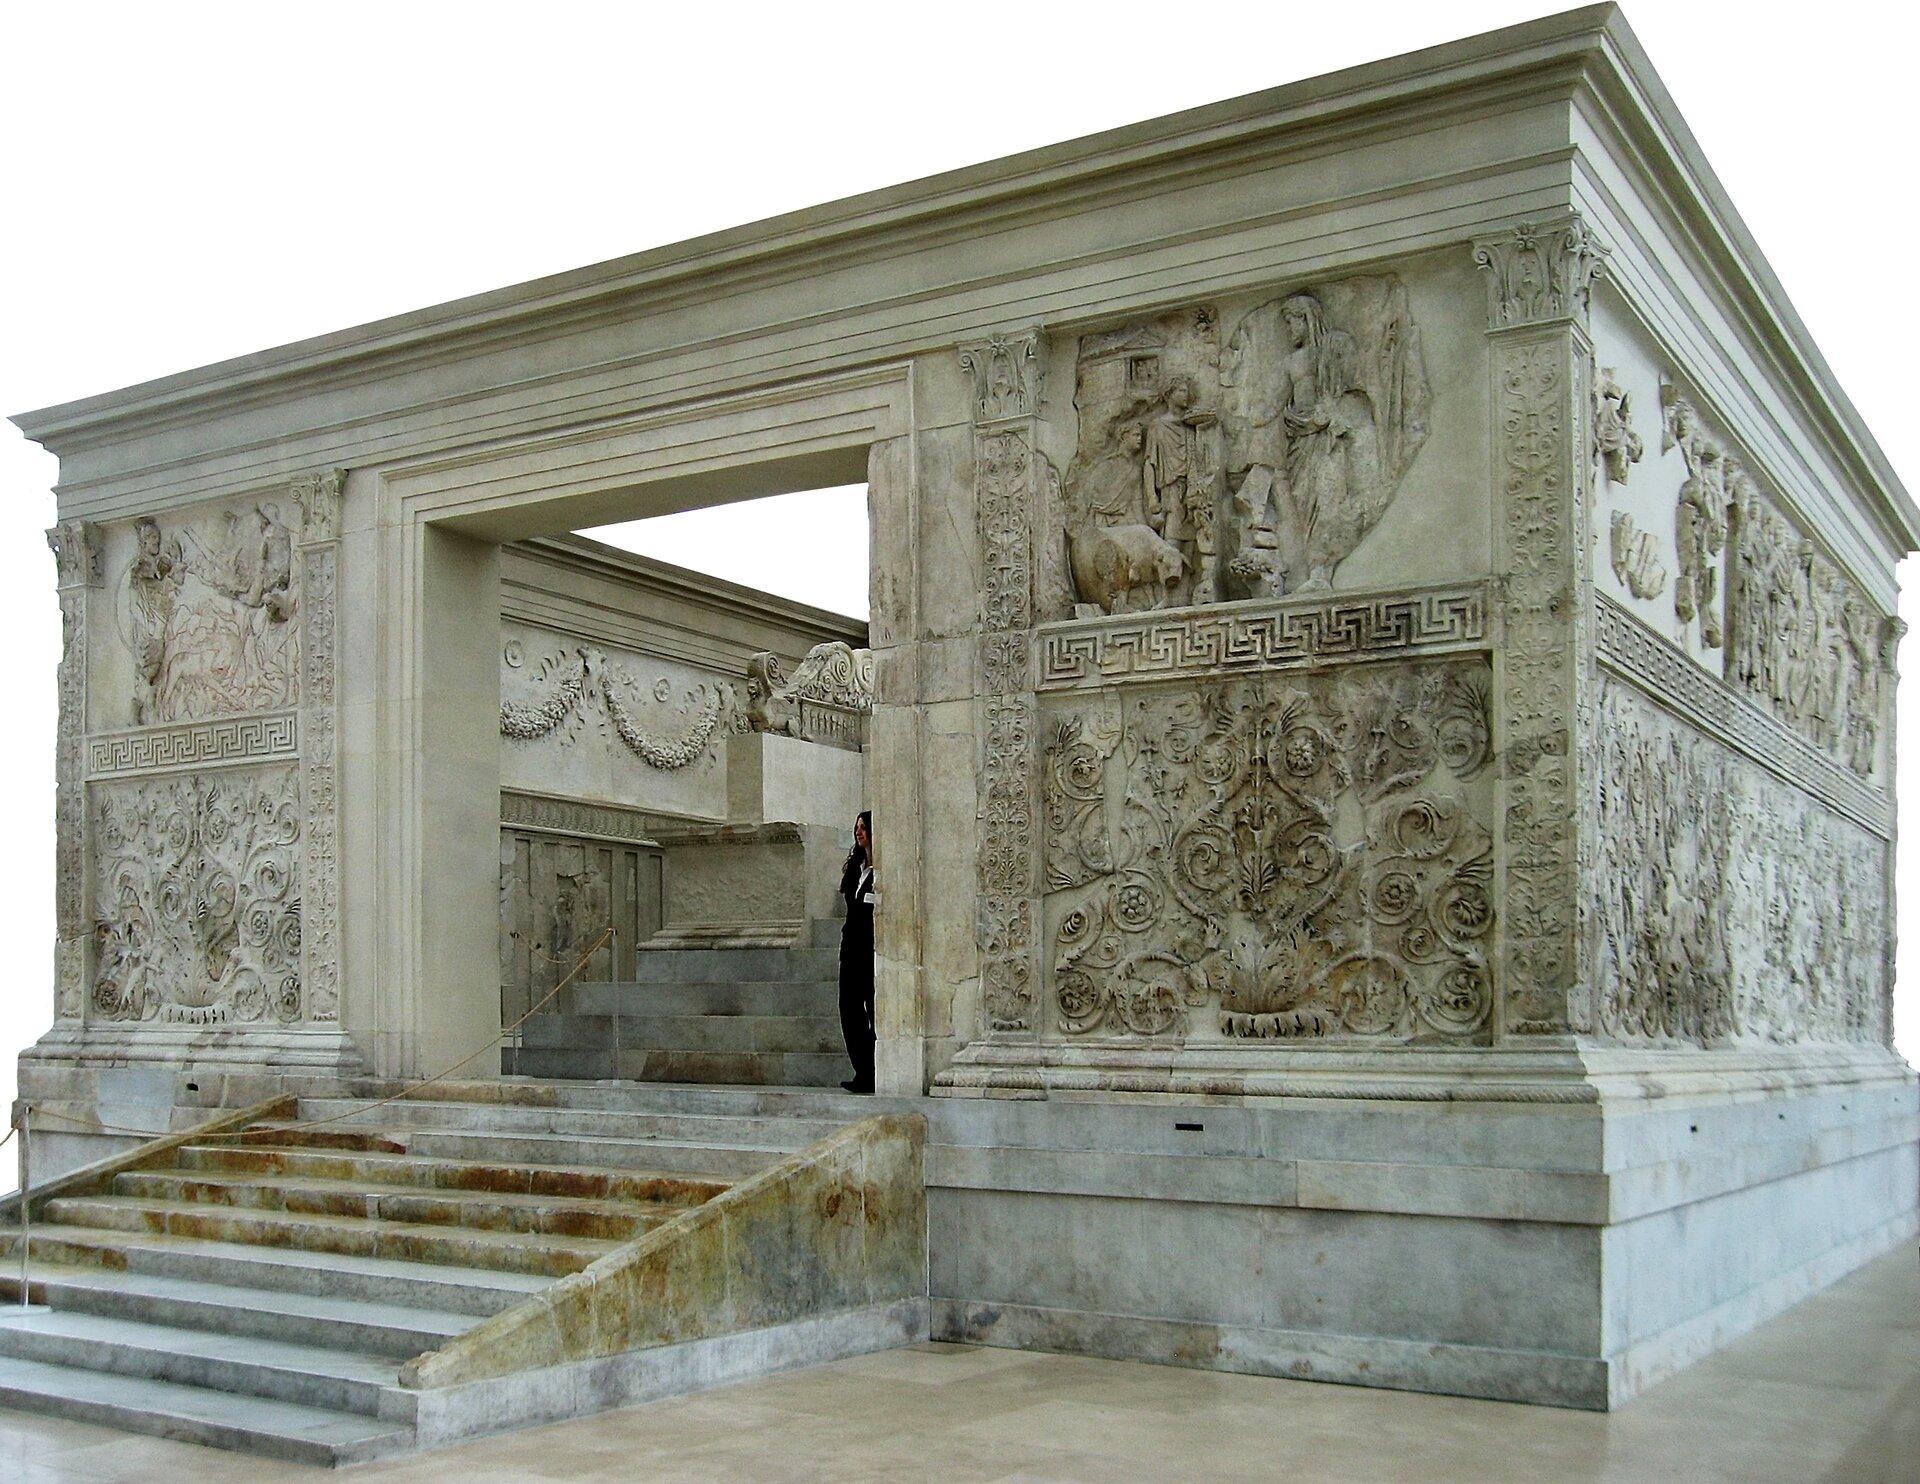 Ołtarz Pokoju został zrekonstruowany w1938 roku przy użyciu oryginalnych elementów Ołtarz Pokoju został zrekonstruowany w1938 roku przy użyciu oryginalnych elementów Źródło: Manfred Heyde, Wikimedia Commons, licencja: CC BY-SA 3.0.